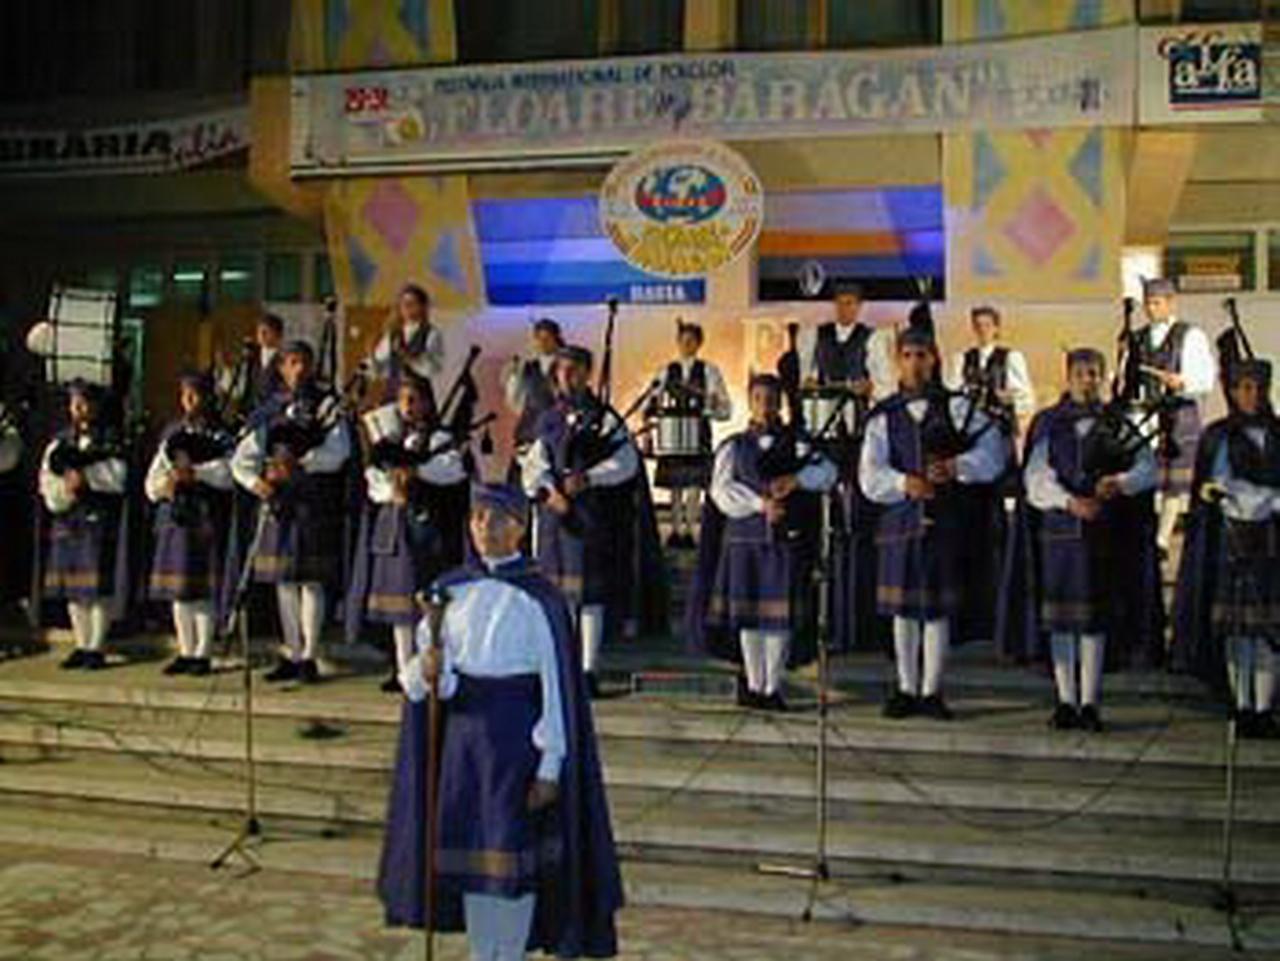 2001 - Ansamblul folcloric ''Banda de Gaitas Nova Fronteira & Cartelle'' - Spania